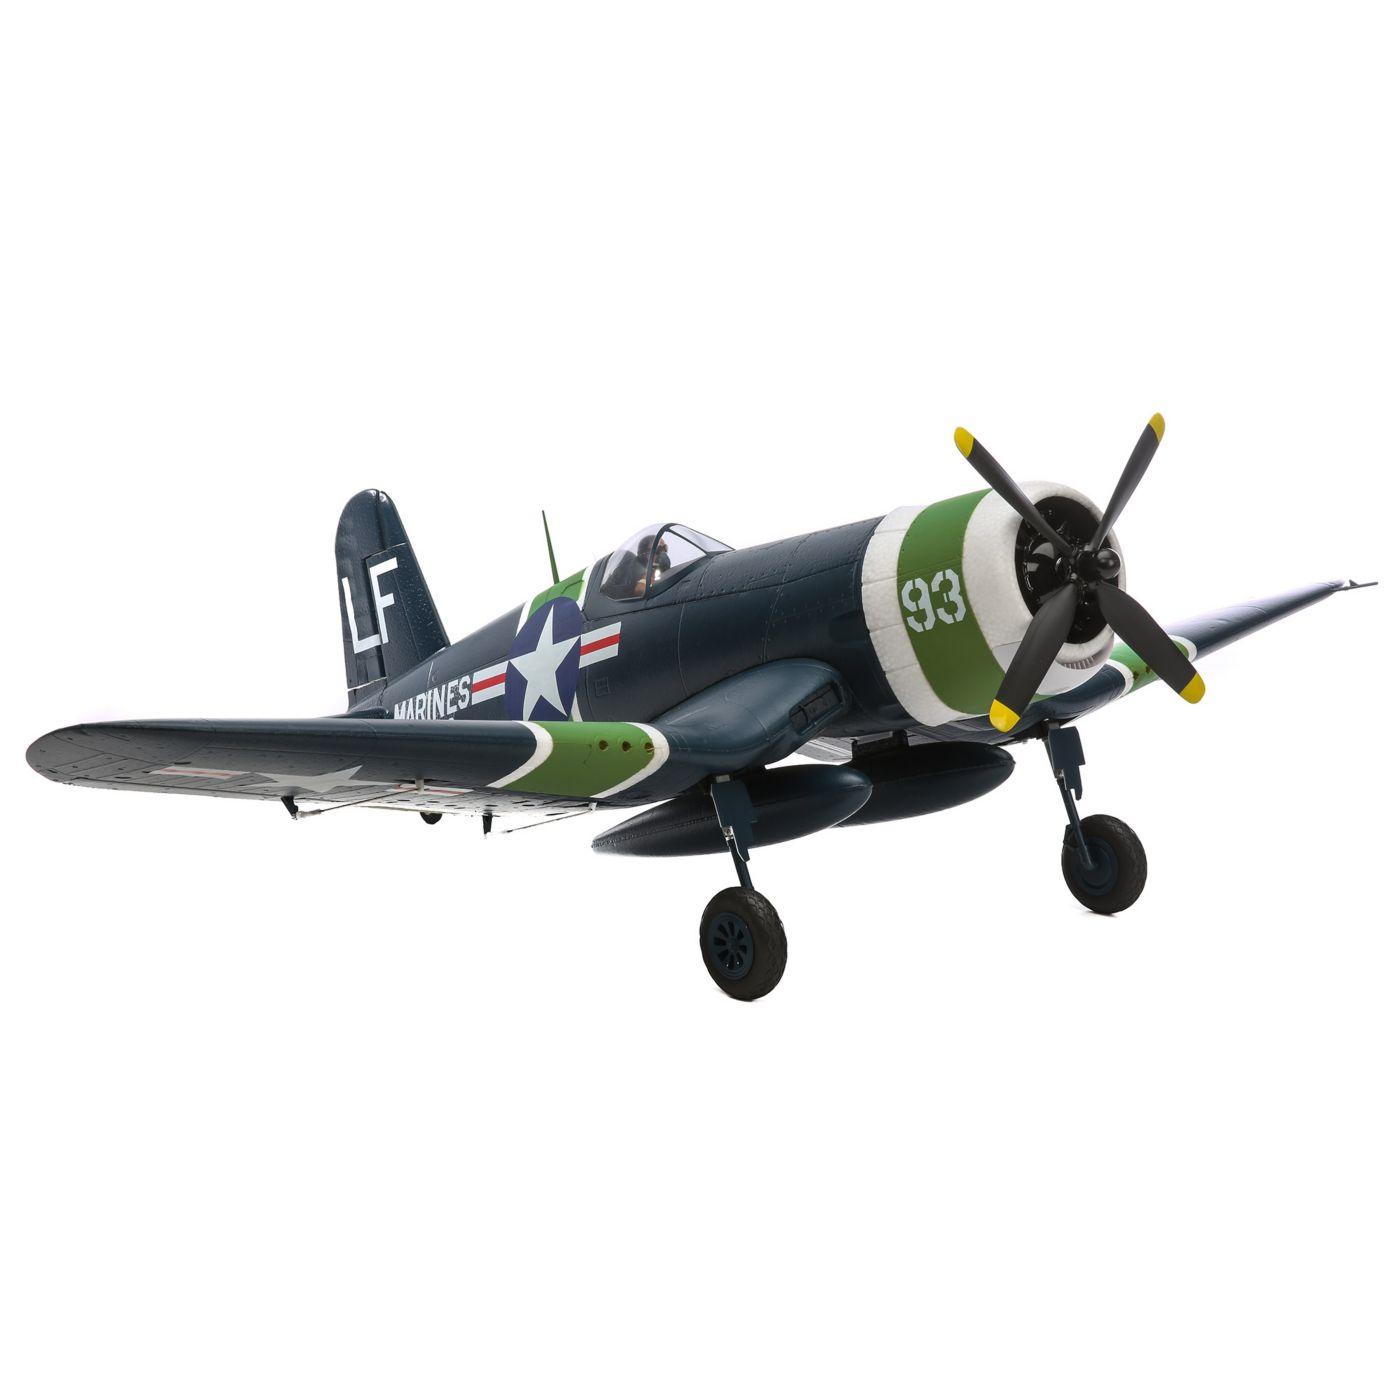 F4U-4 Corsair E-flite